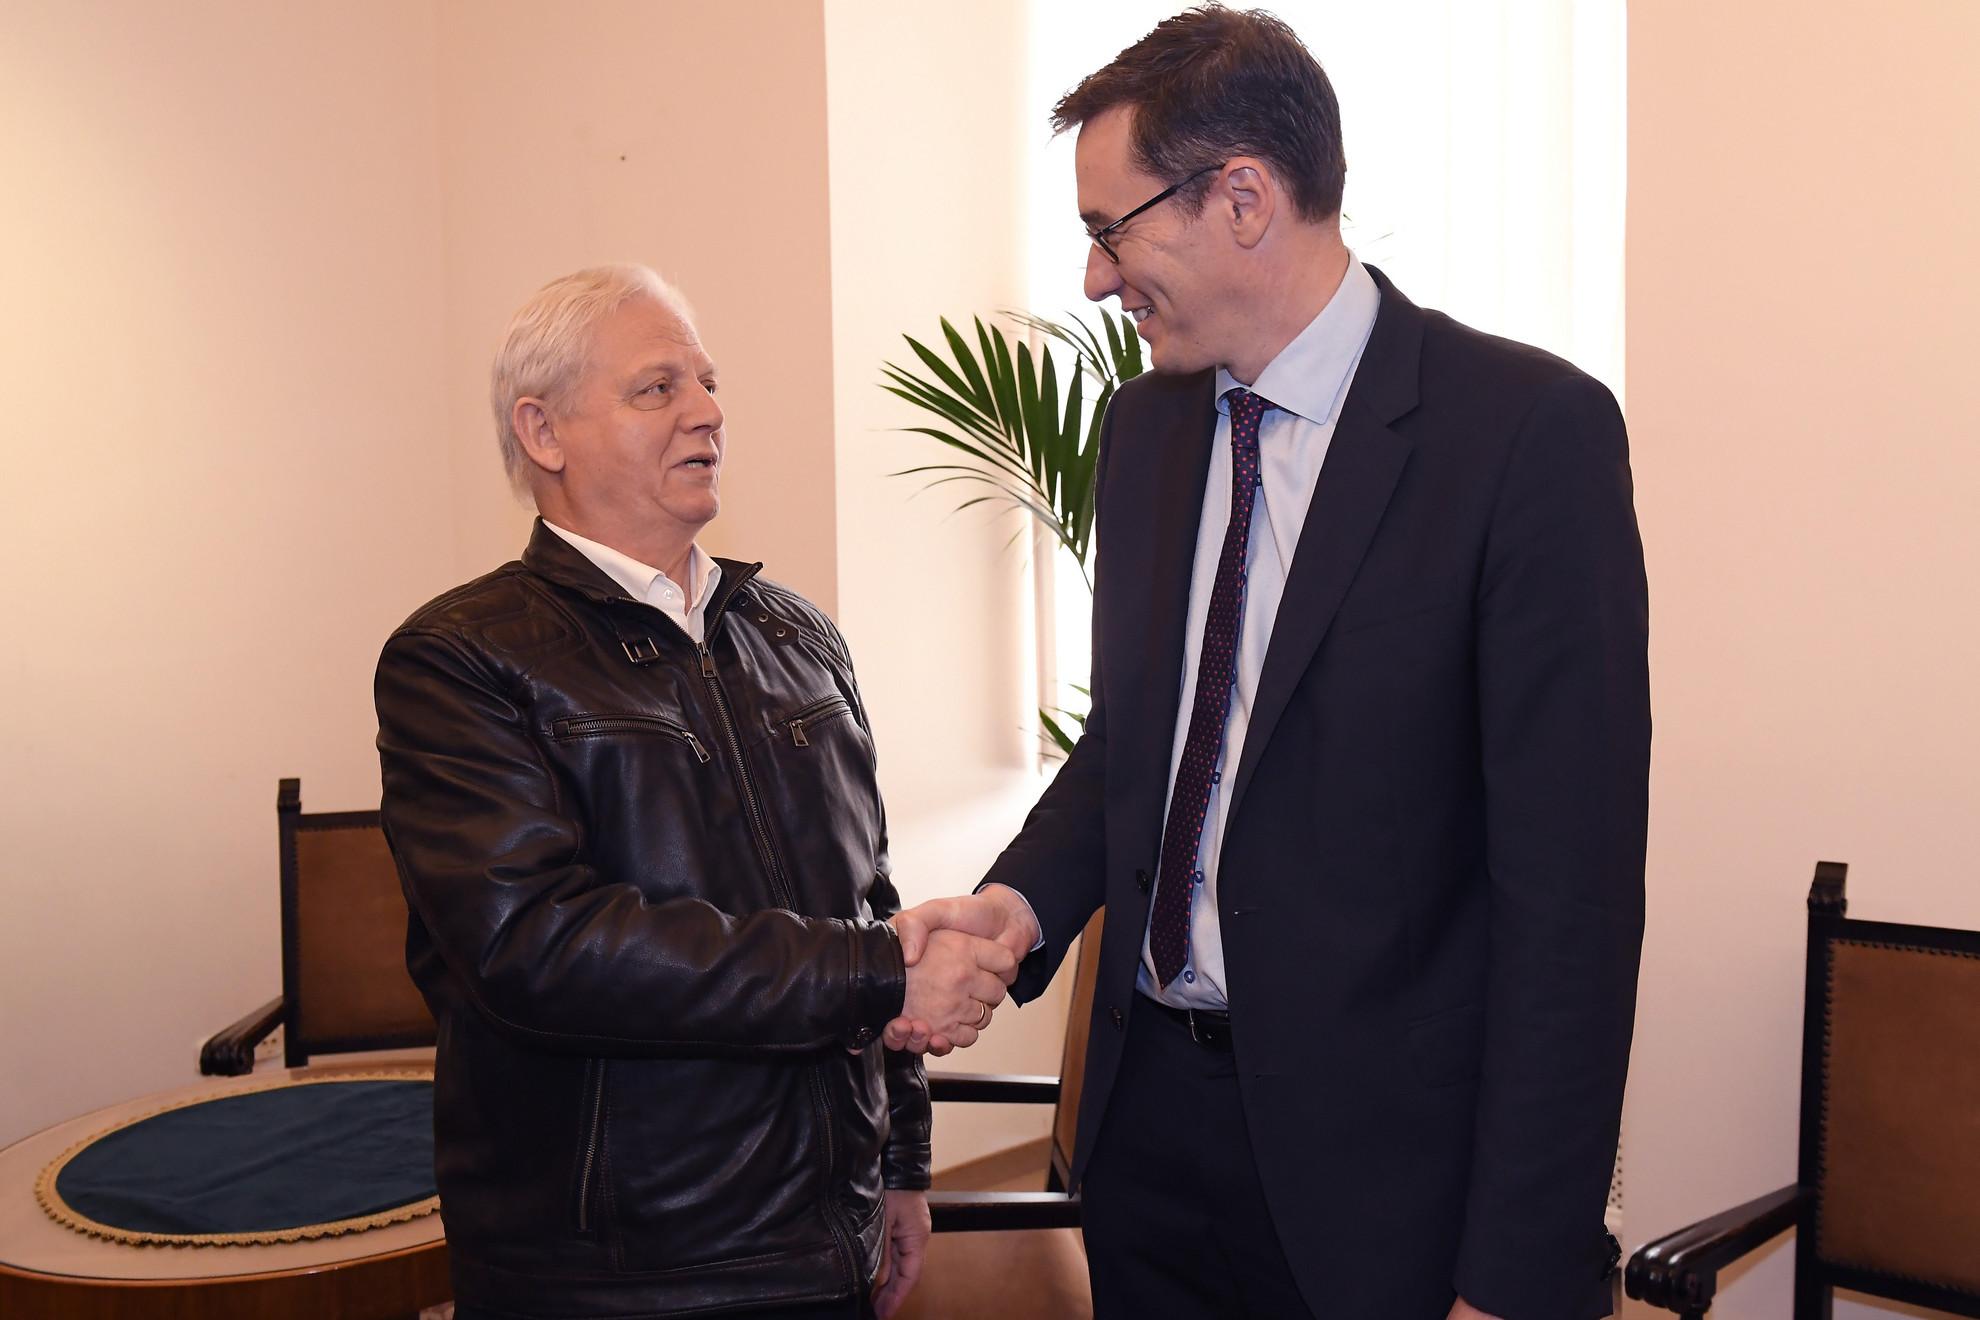 Karácsony Gergely megválasztott (j) és Tarlós István leköszönő főpolgármester a hivatal átadás-átvételén a Városházán 2019. október 17-én